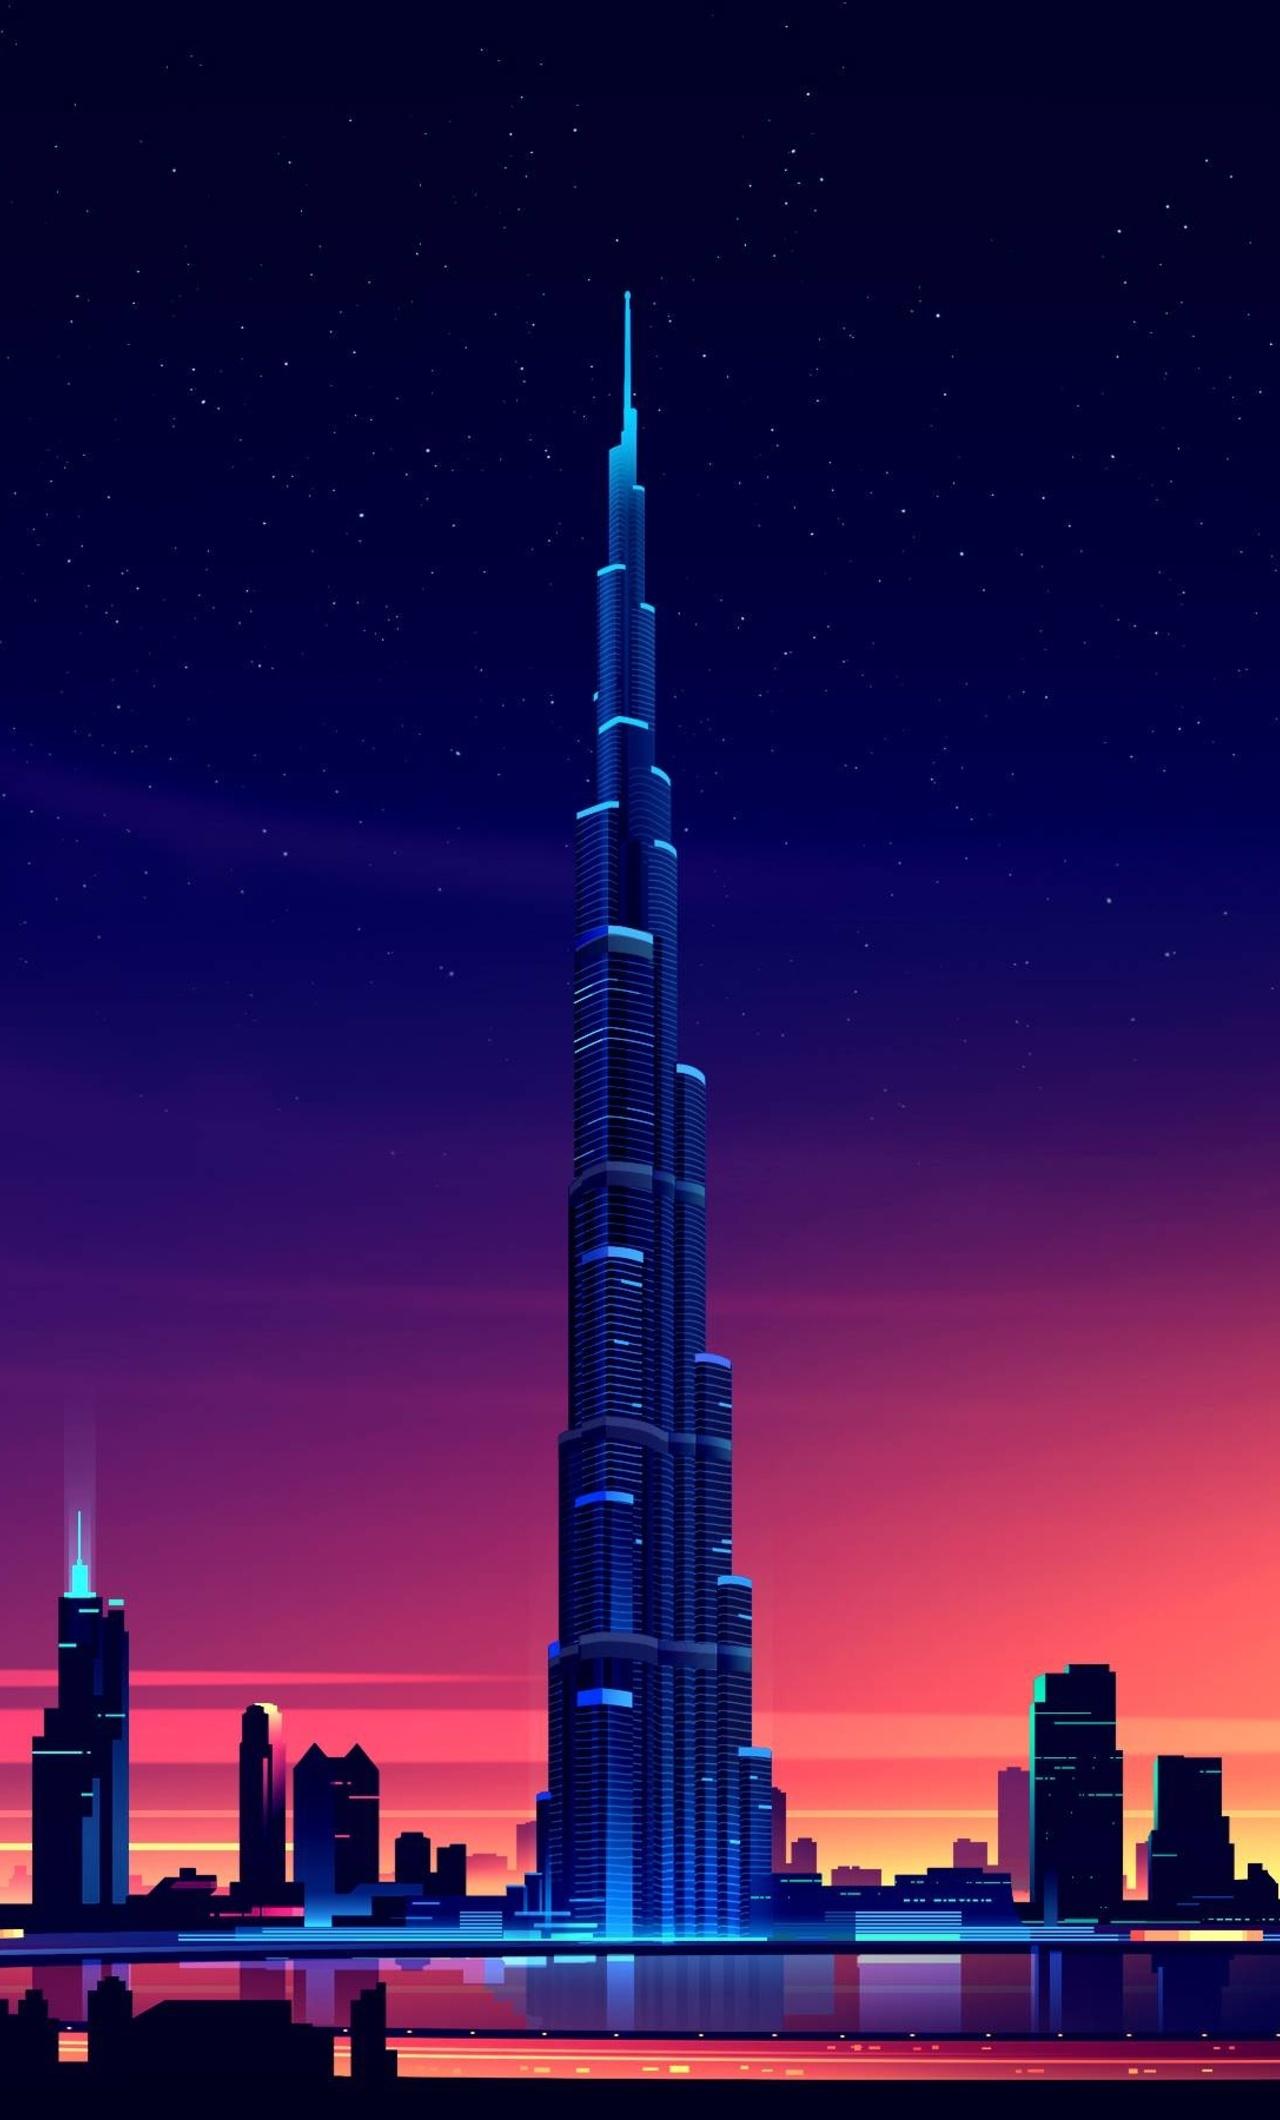 1280x2120 Dubai Burj Khalifa Minimalist Iphone 6 Hd 4k Wallpapers